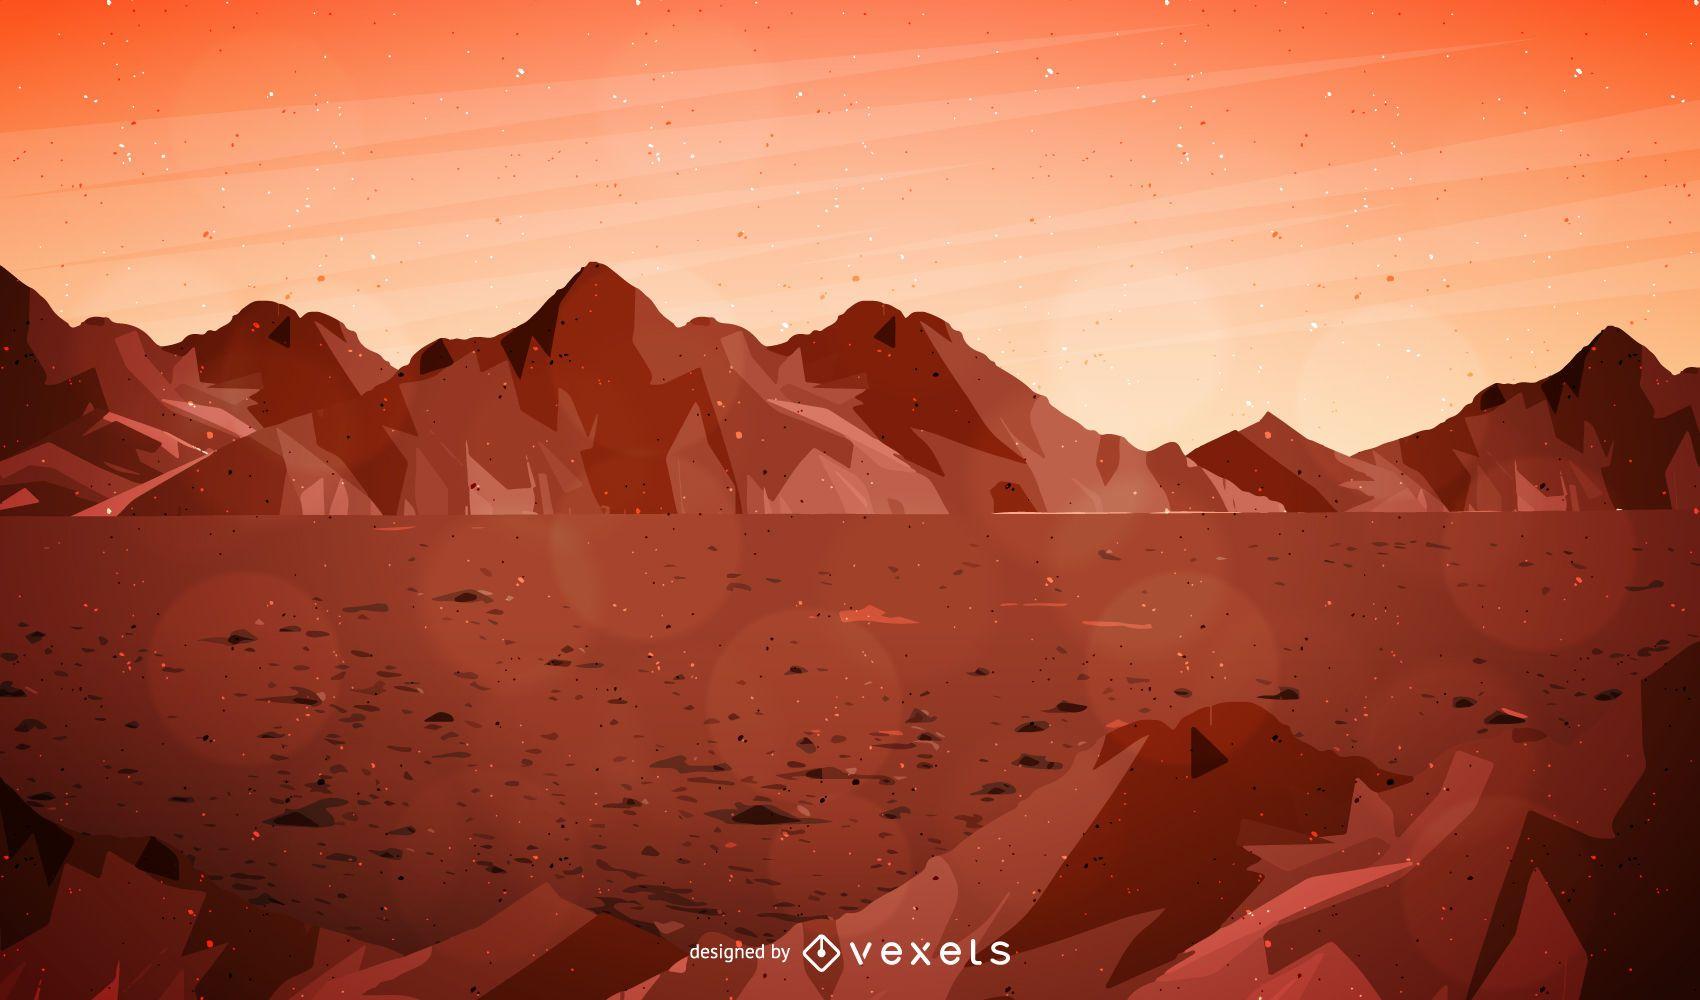 Mars landscape illustration